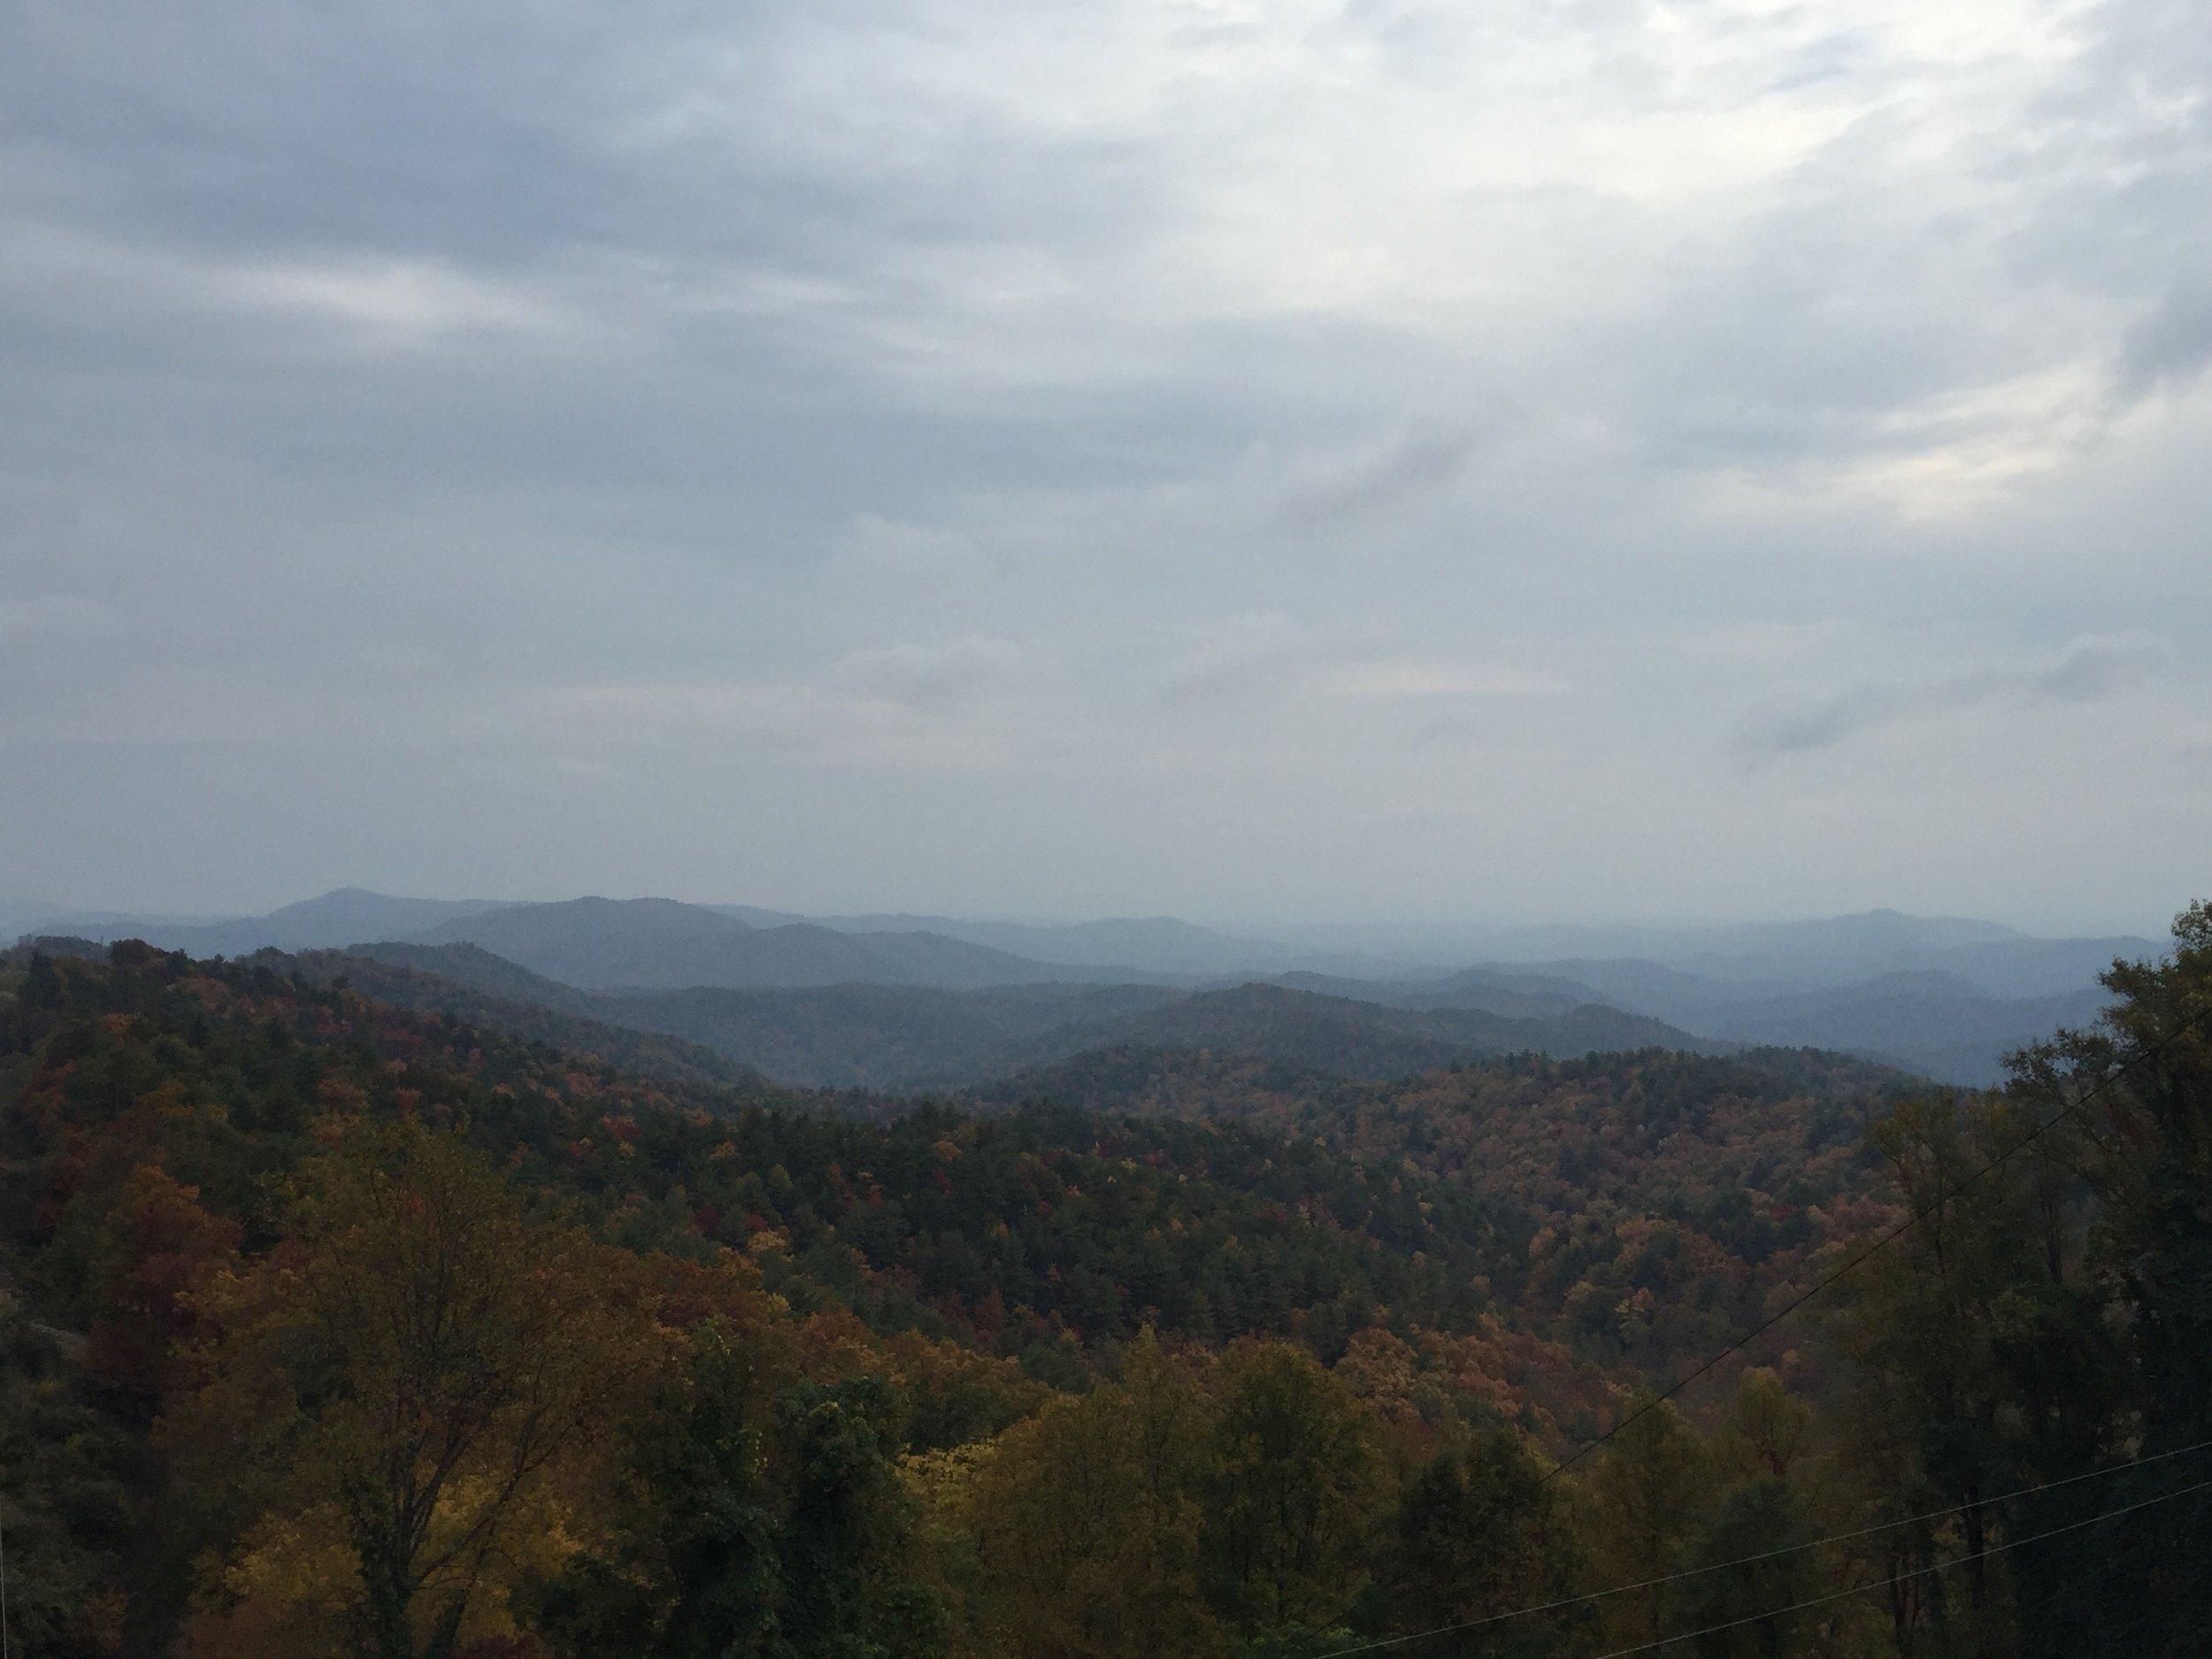 North Carolinas mountains